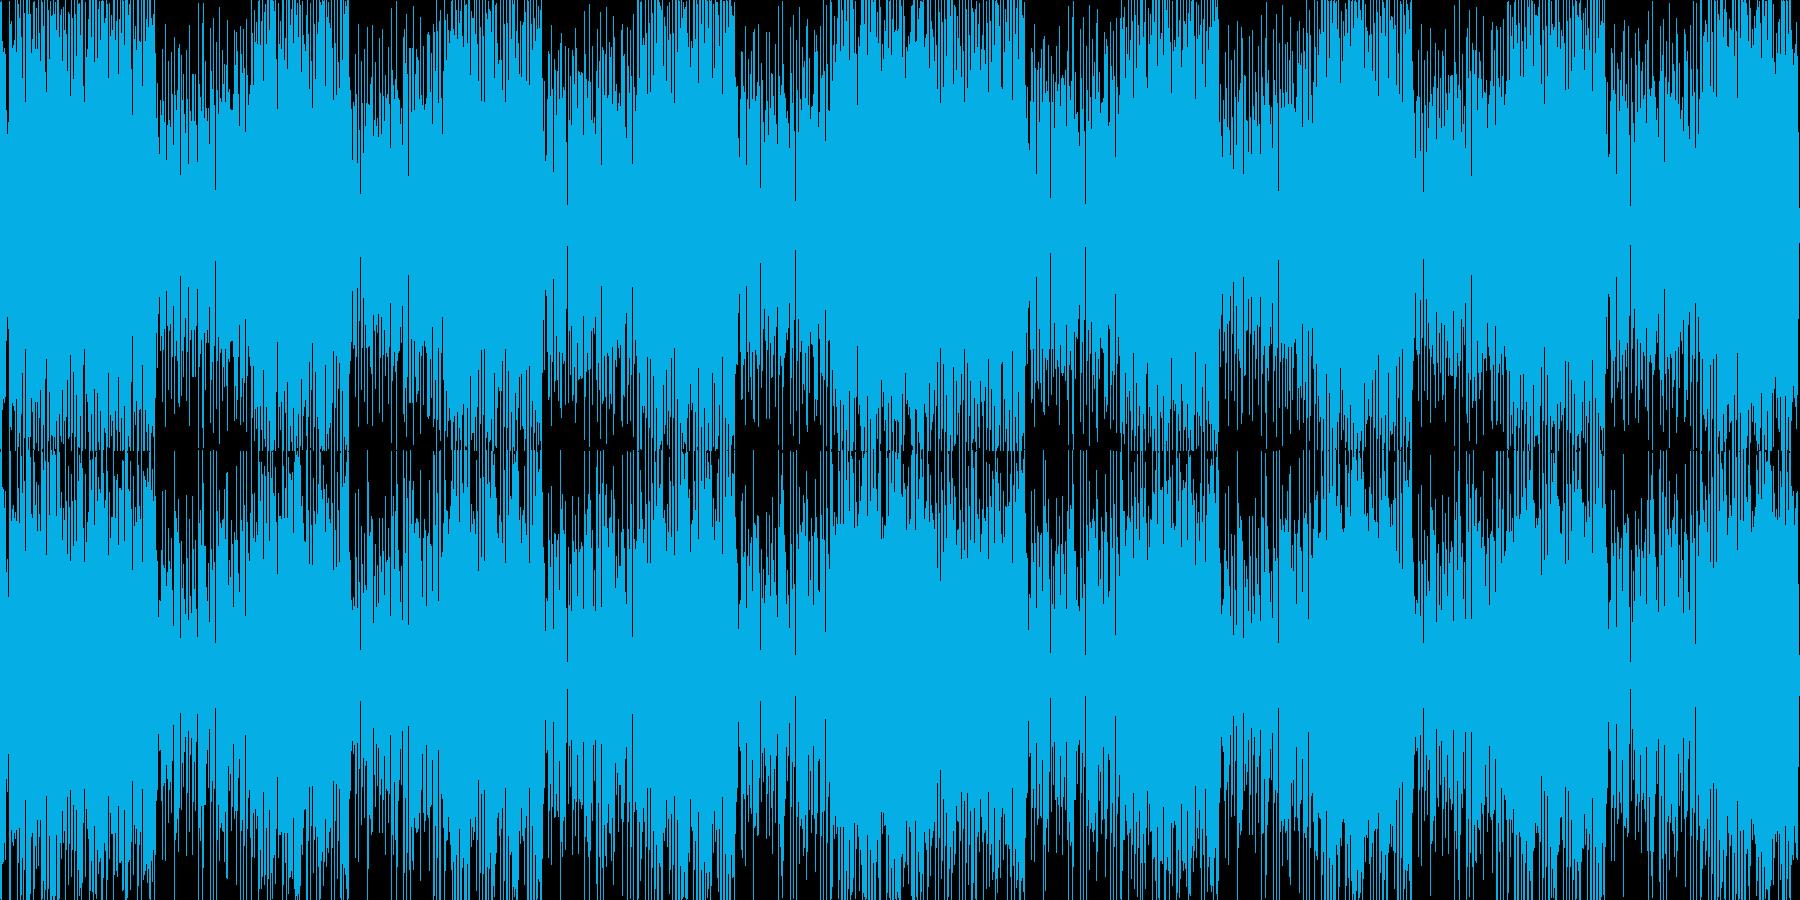 サックスロックファンクニュース配信動画の再生済みの波形